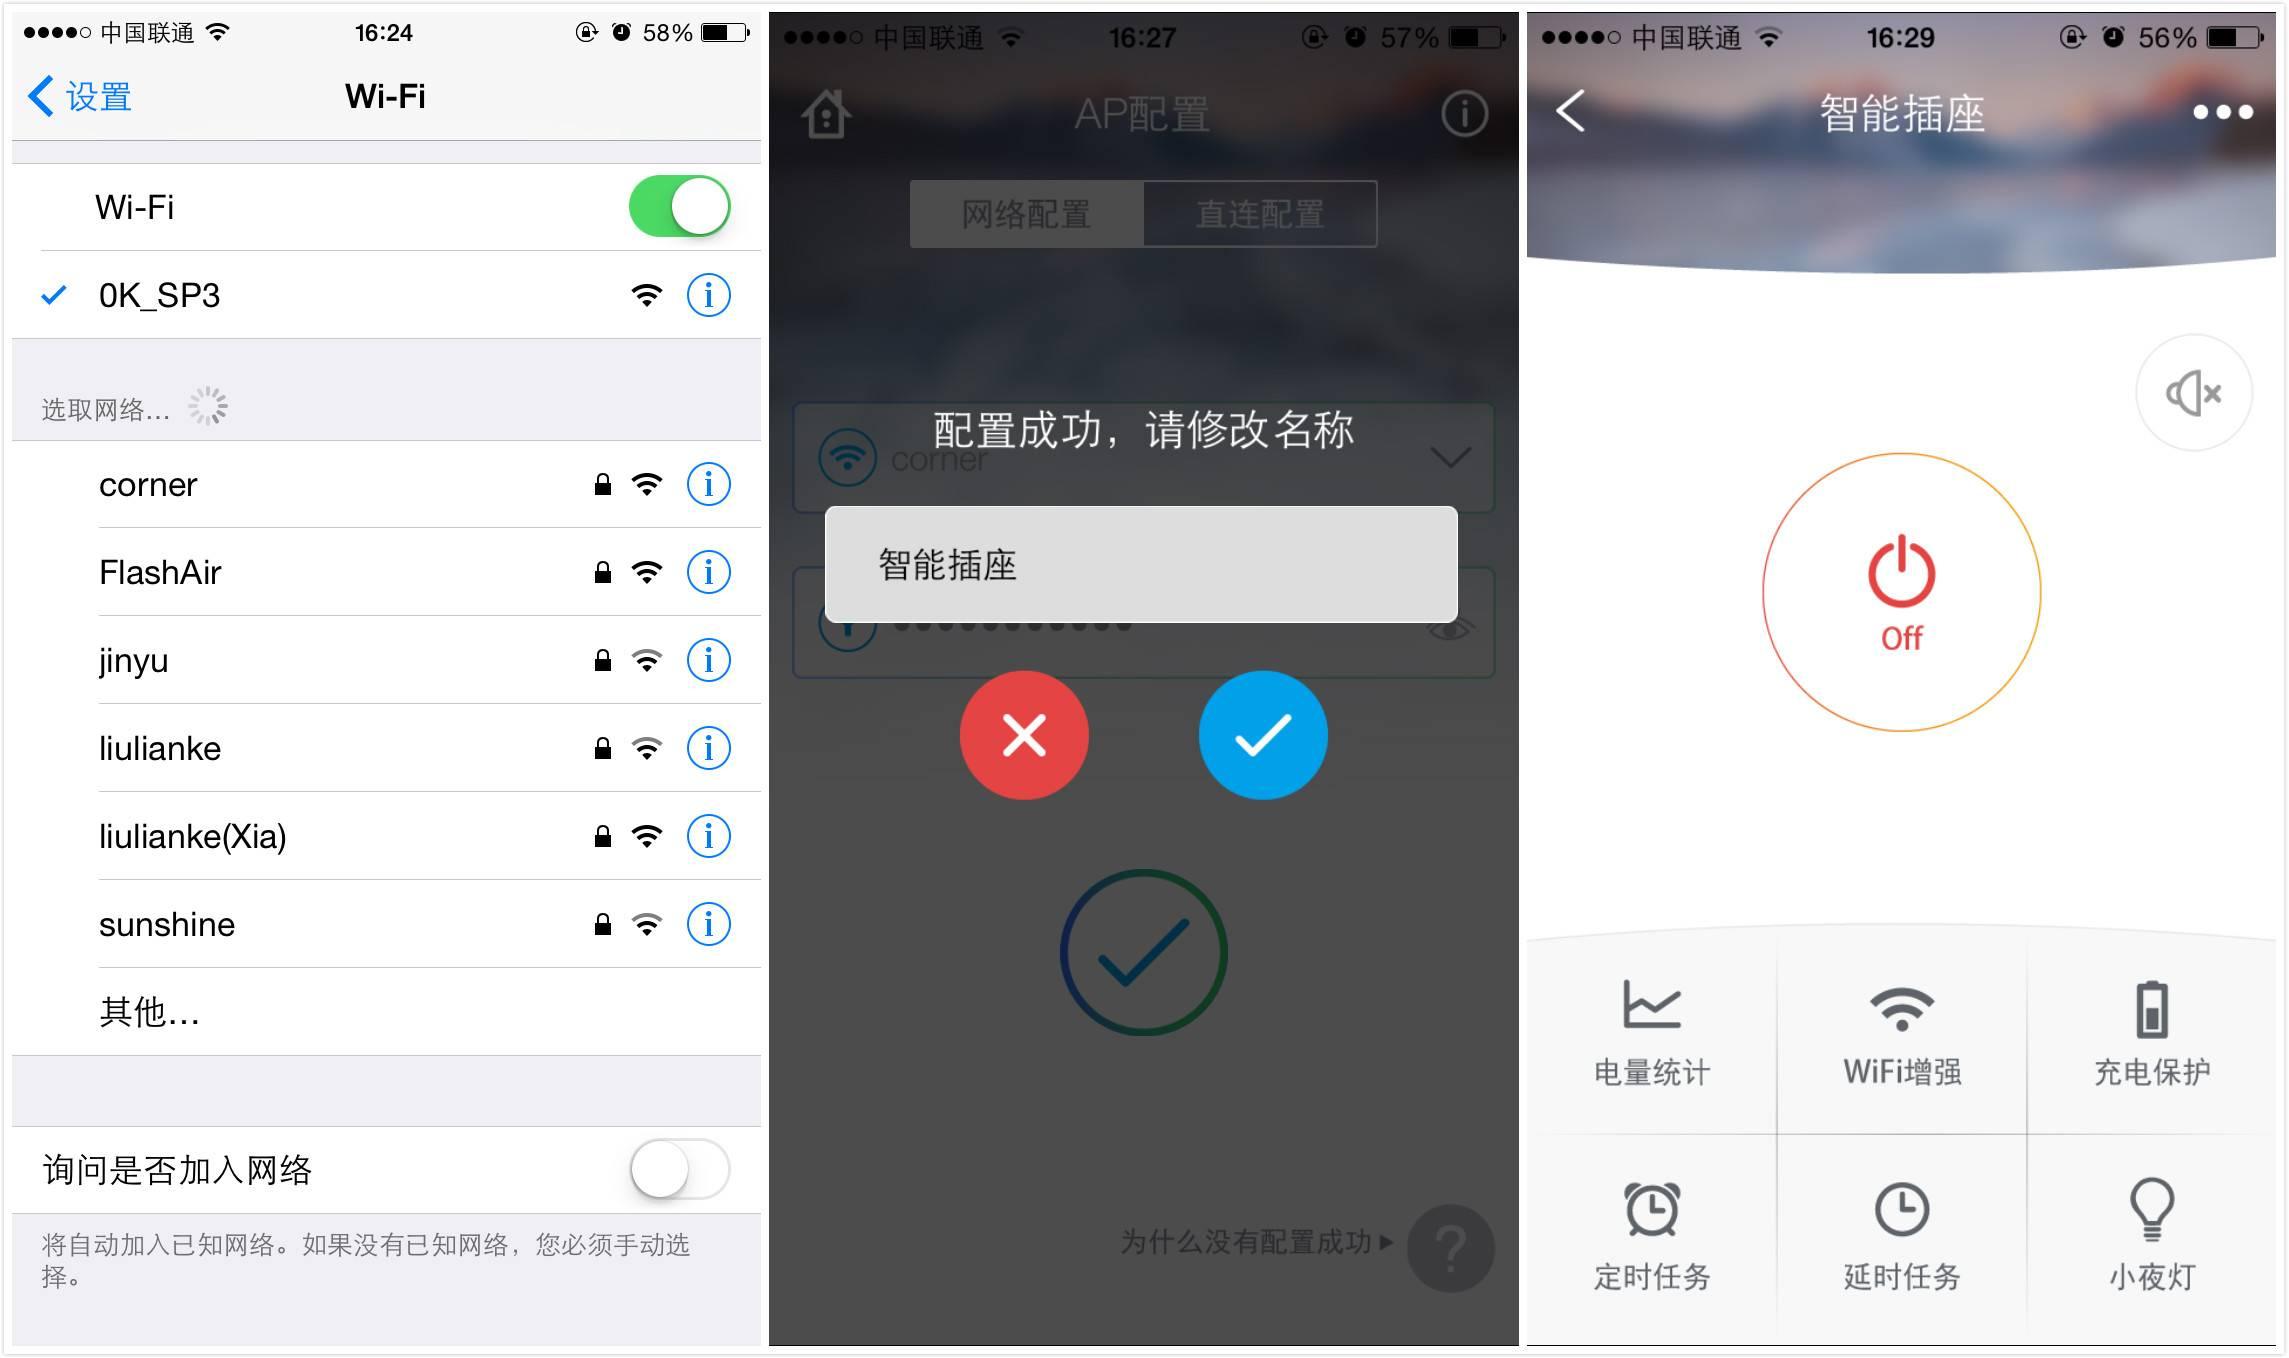 xiao-k-2-review-1